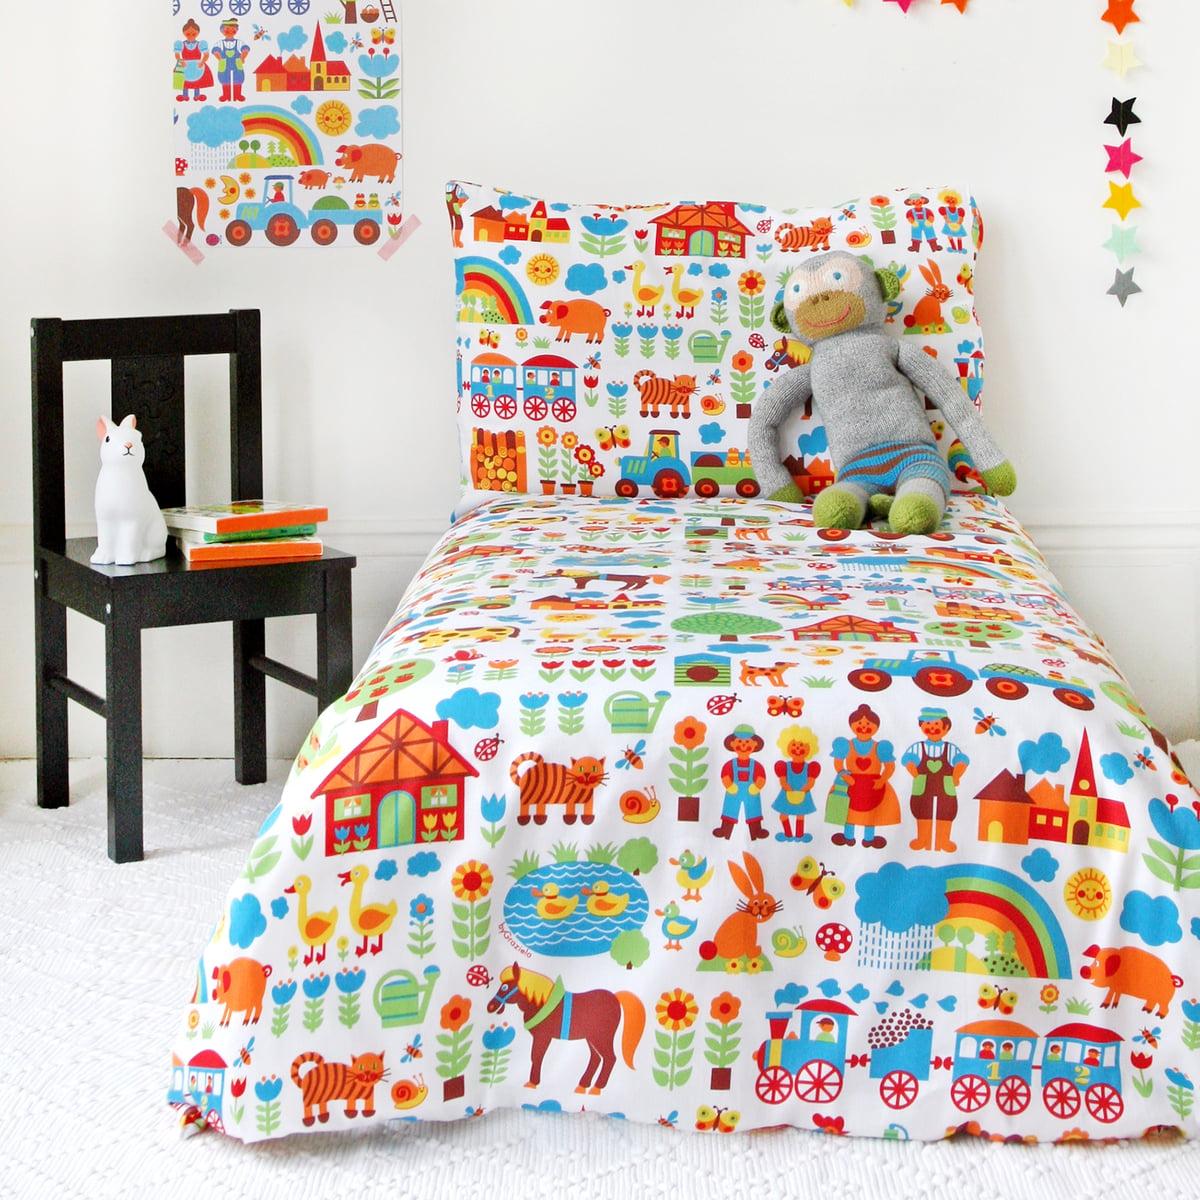 bettw sche bauernhof von bygraziela im shop. Black Bedroom Furniture Sets. Home Design Ideas